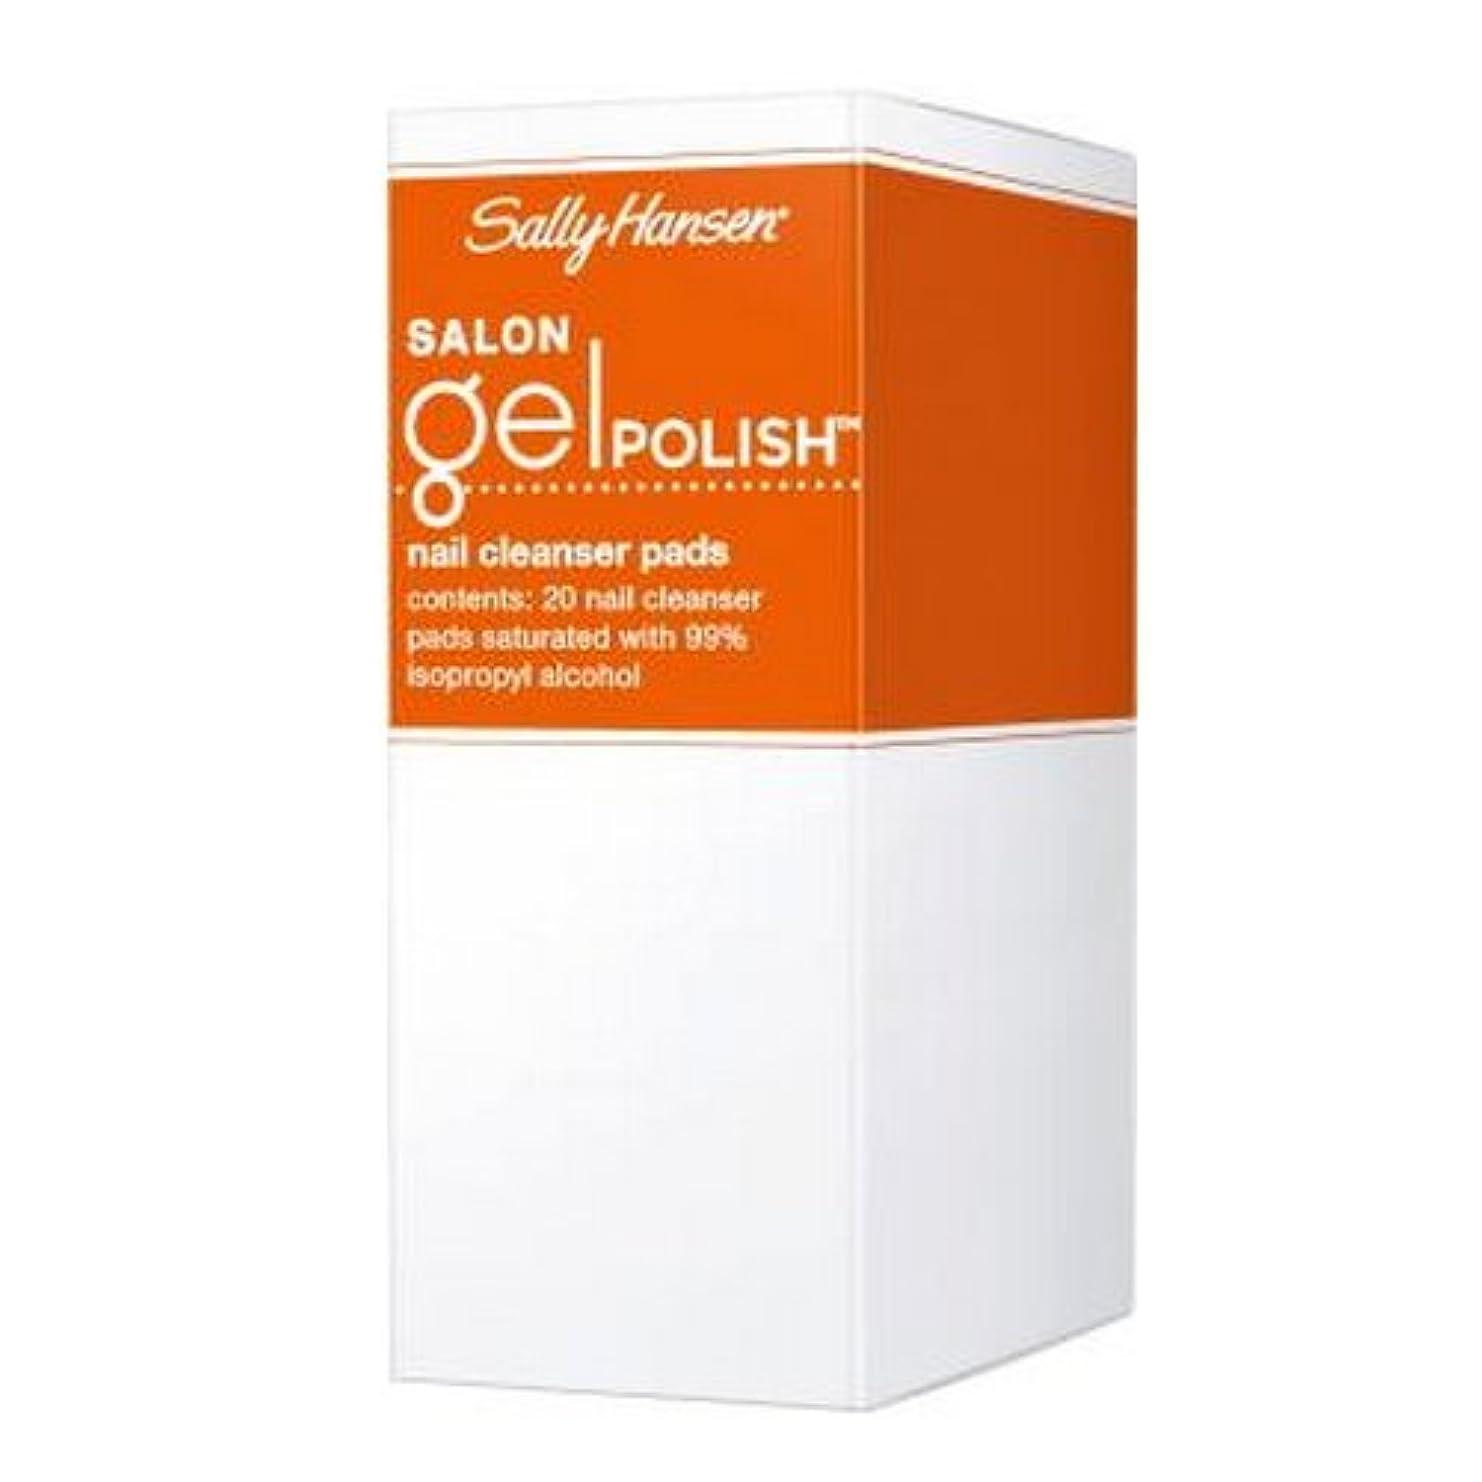 エアコントランクSALLY HANSEN Salon Gel Polish Nail Cleanser Pads - Gel Polish Cleanser Pads (並行輸入品)